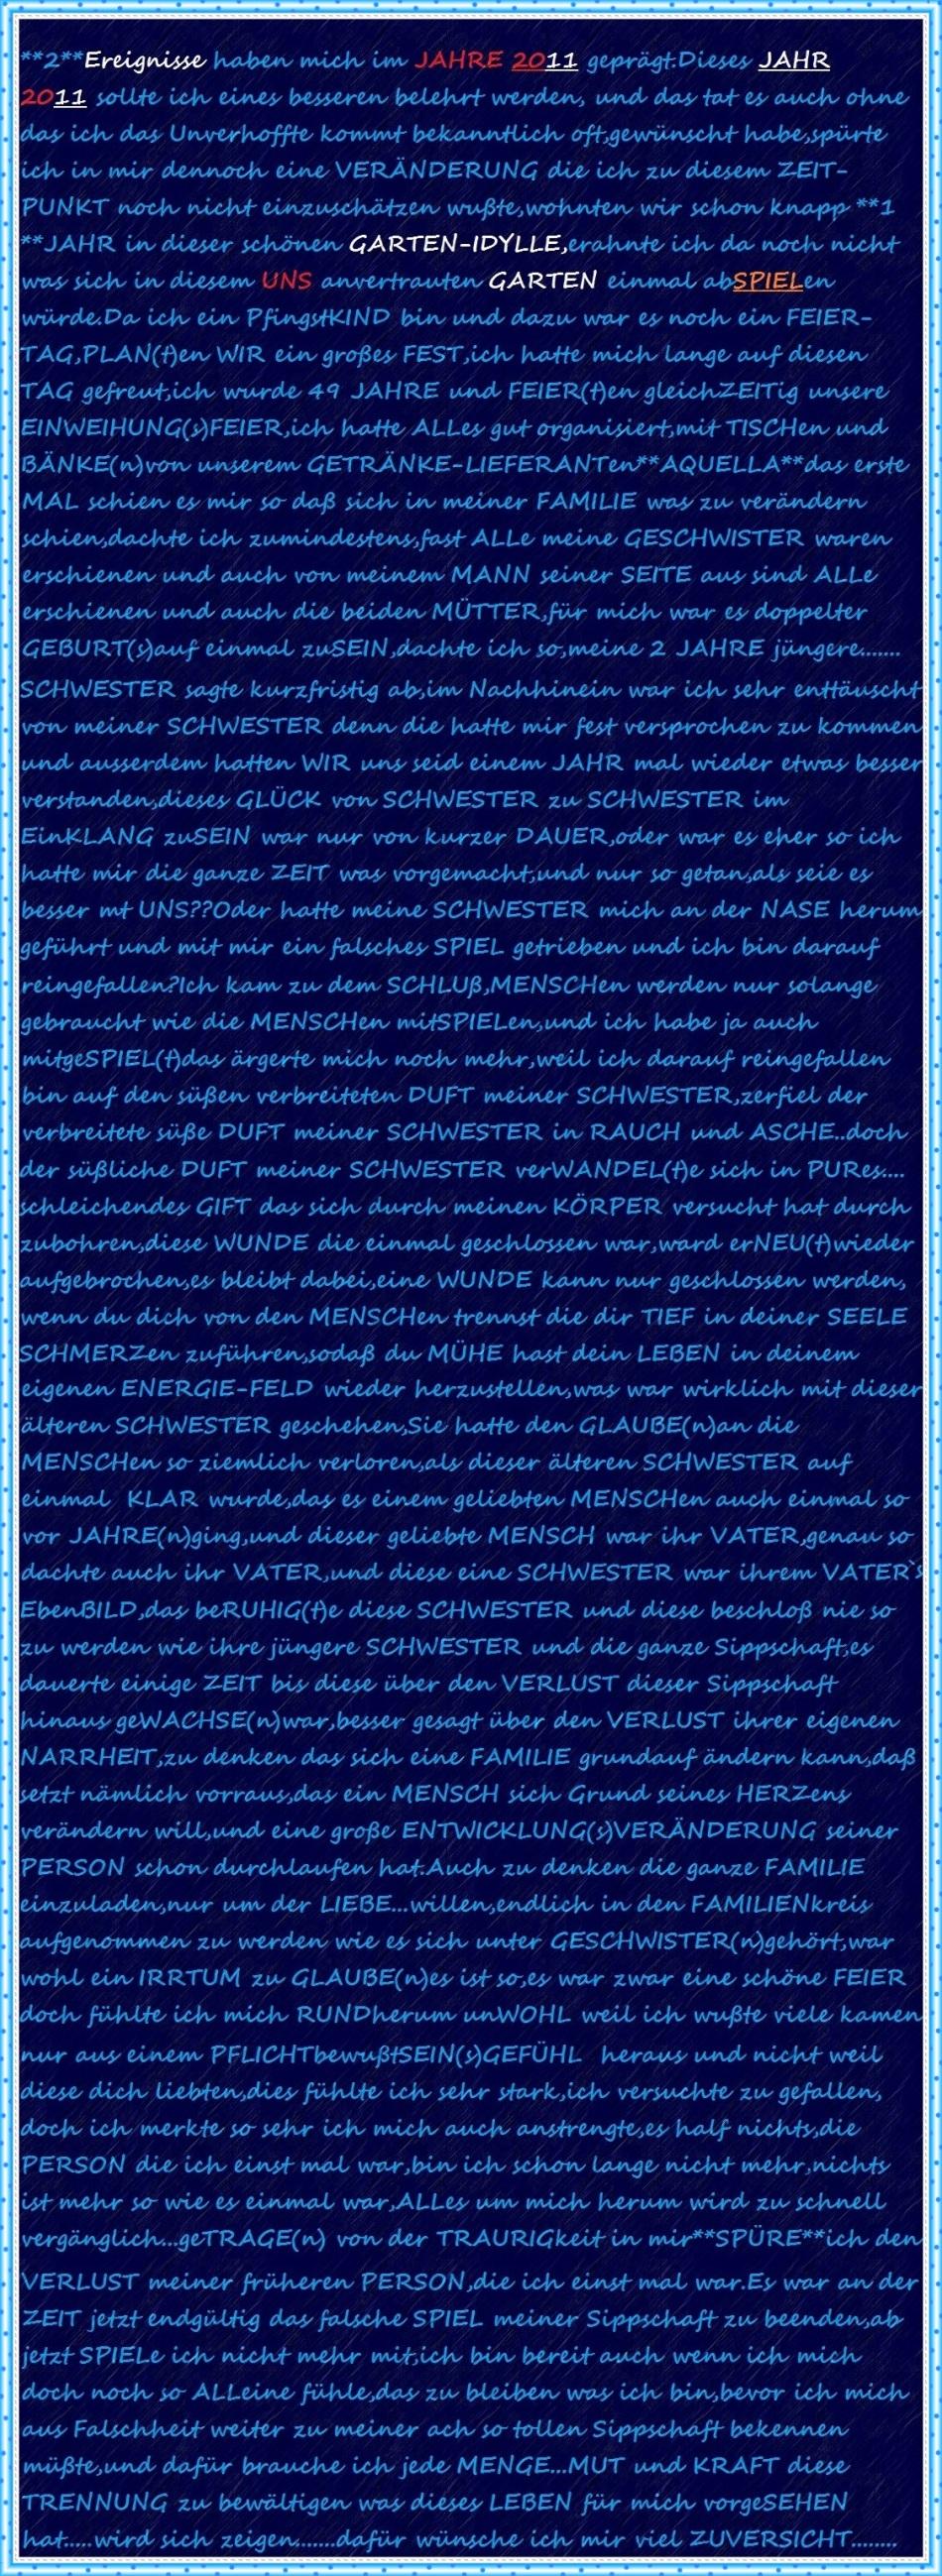 ZerplatzterGARTENtraumIDYLLE1